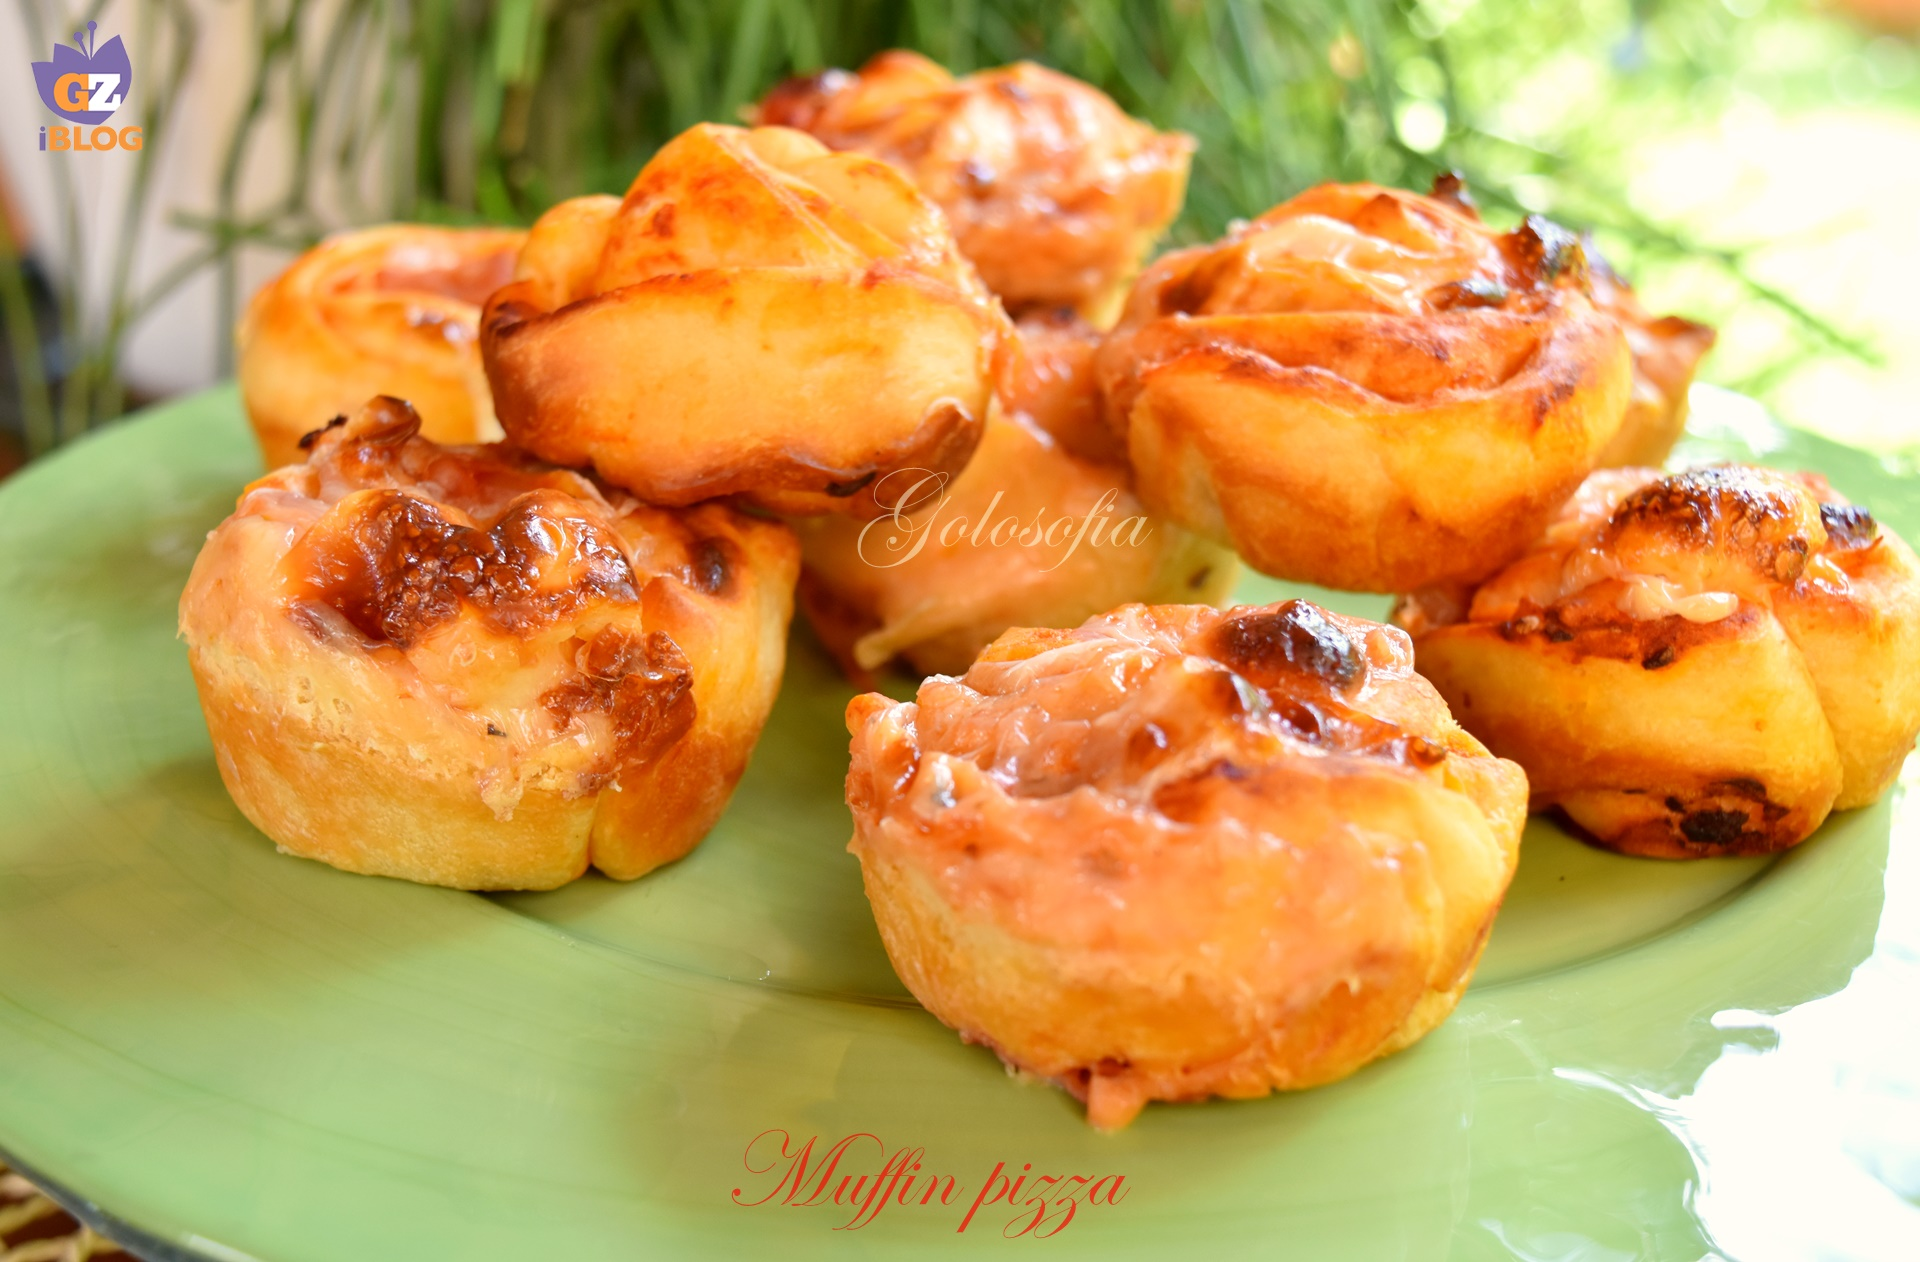 muffin pizza-ricetta antipasti-golosofia